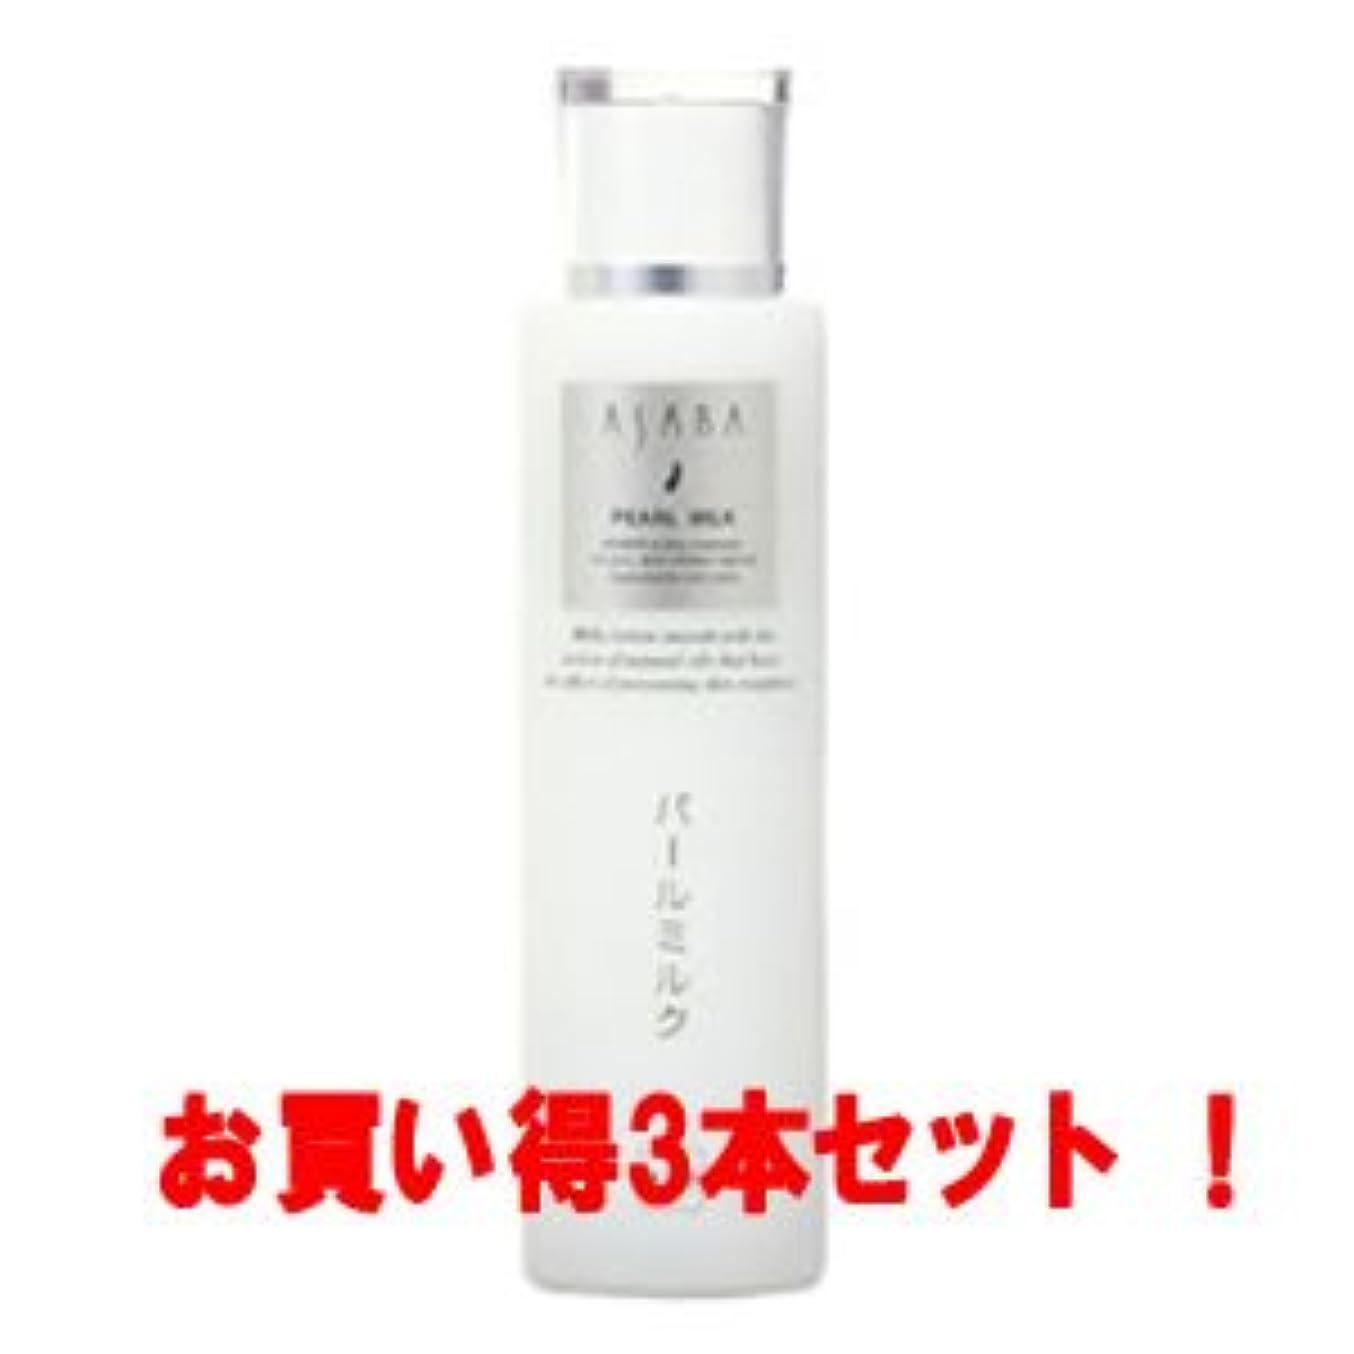 栄光書士スペクトラム(アサバ化粧品)アサバ パールミルク100ml(お買い得3本セット)